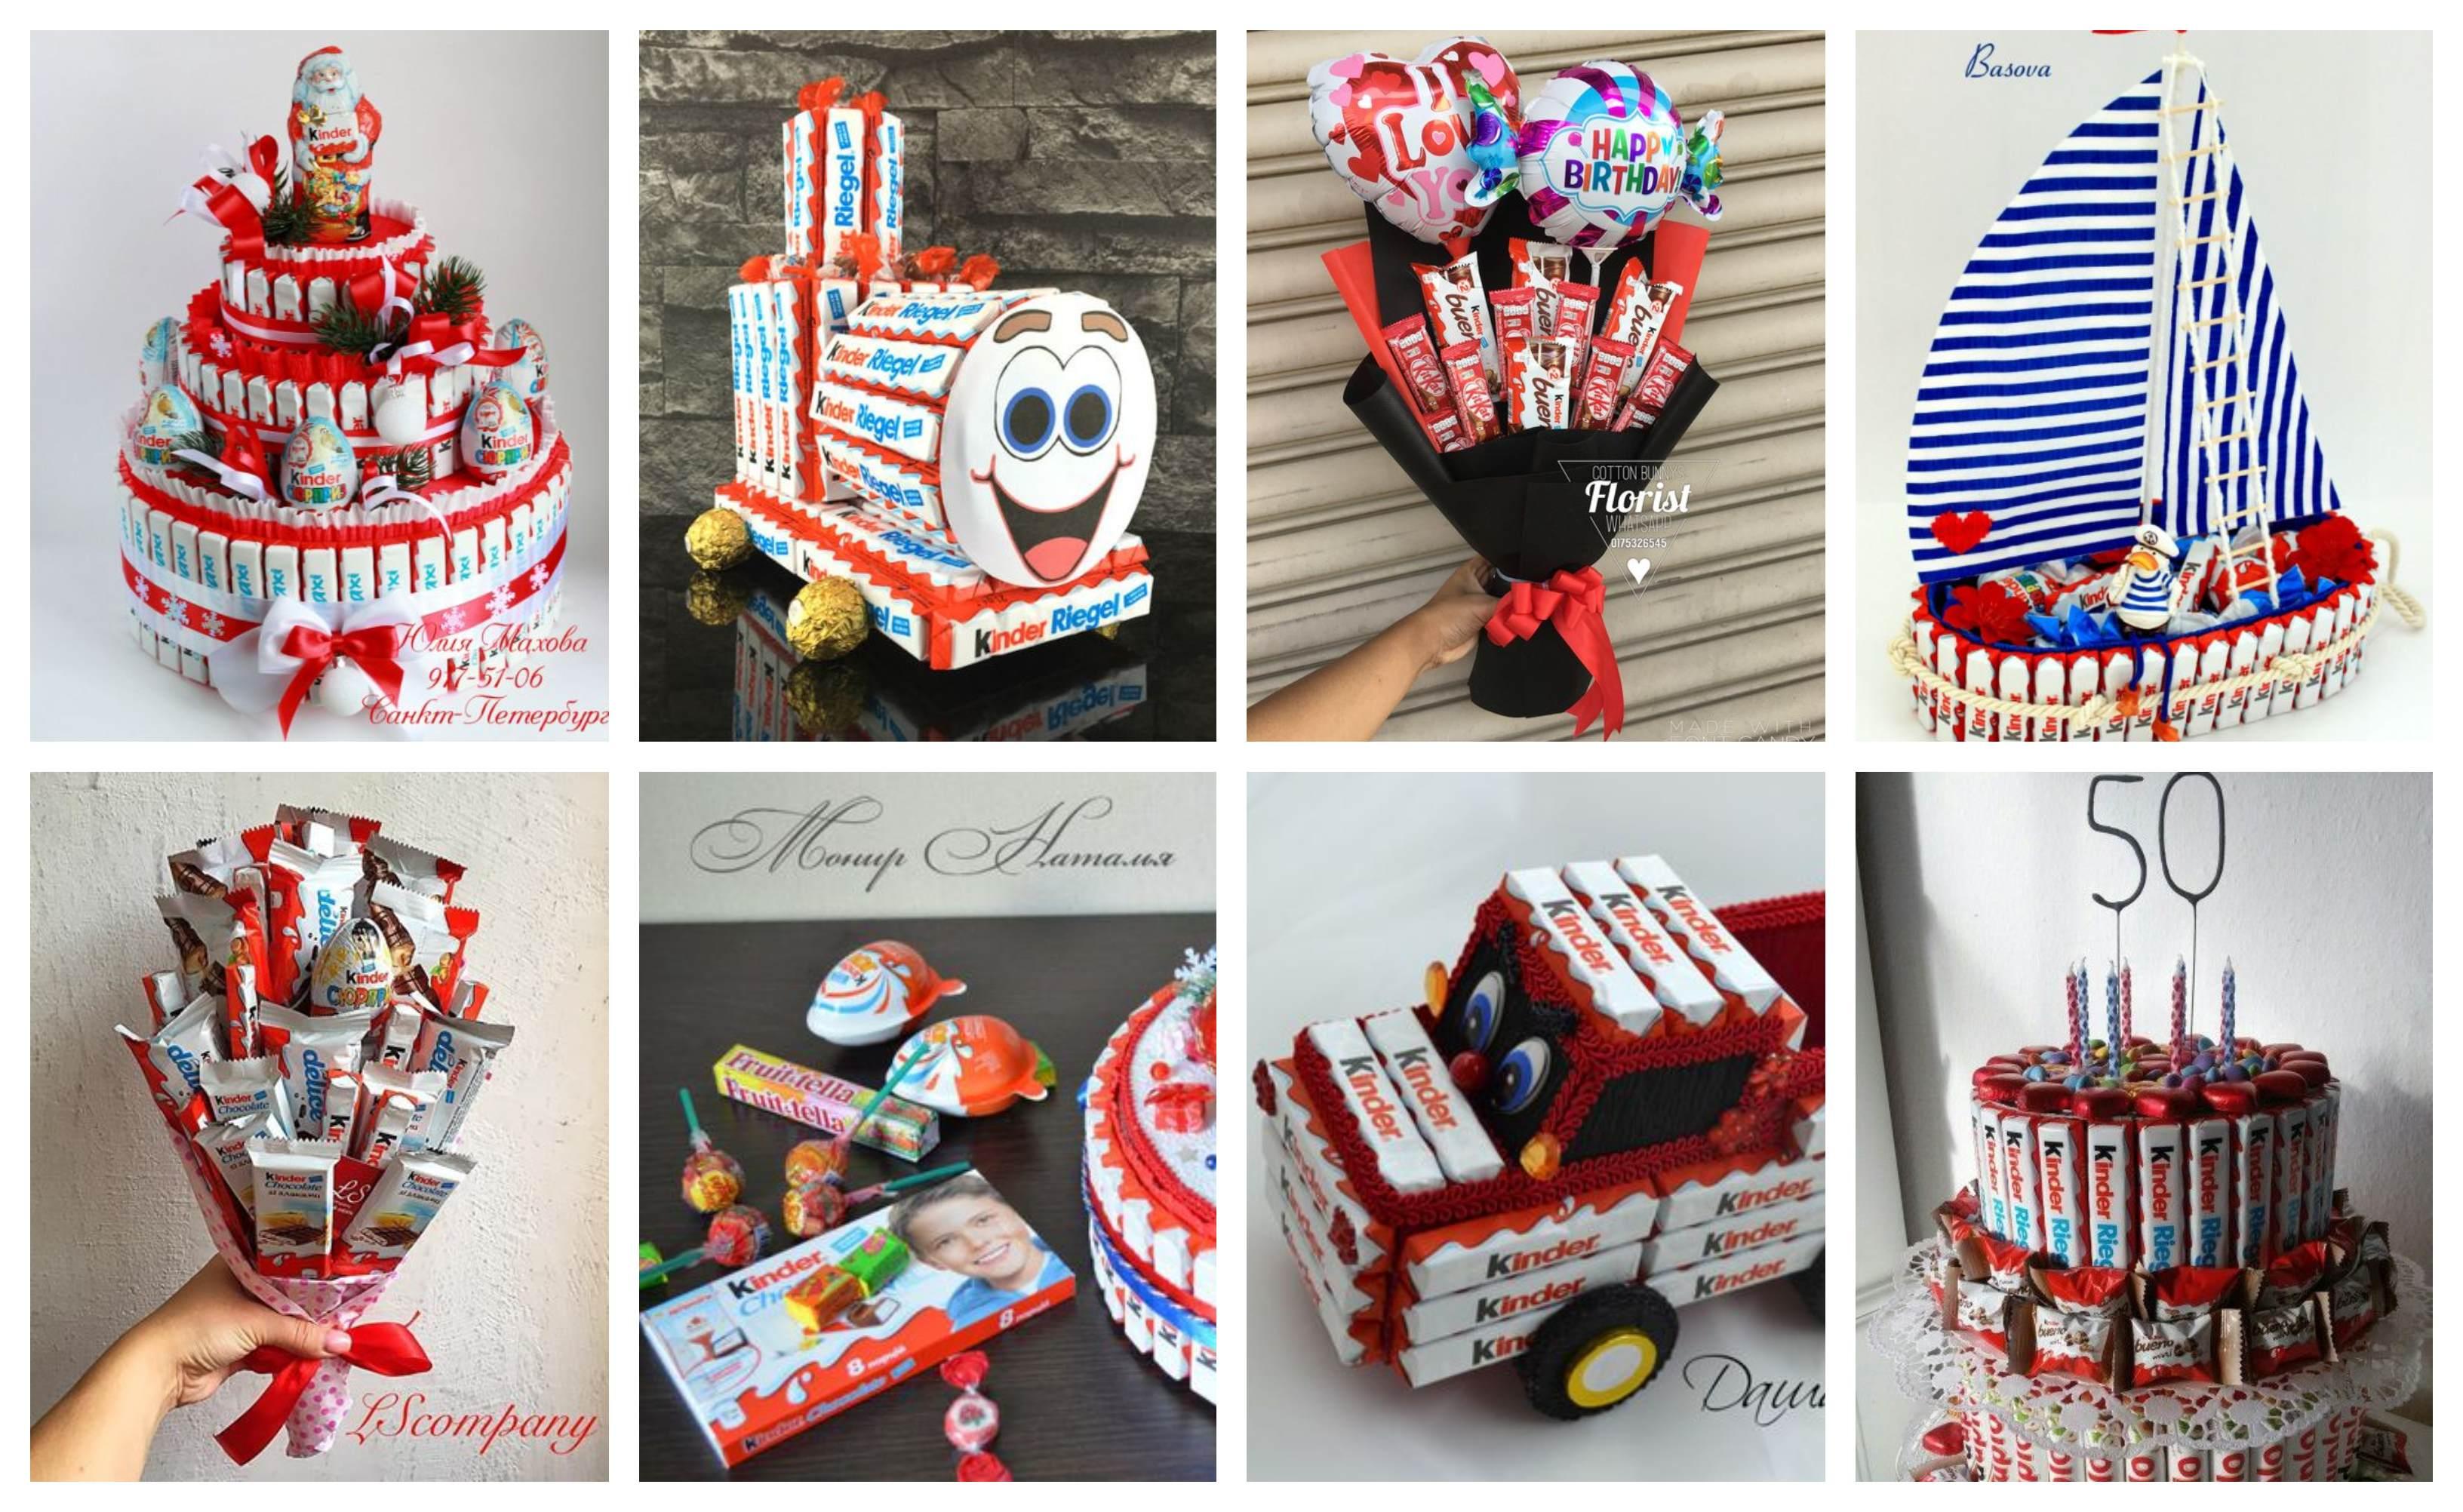 Kreative Geburtstagsgeschenke mit Kinder Schokolade